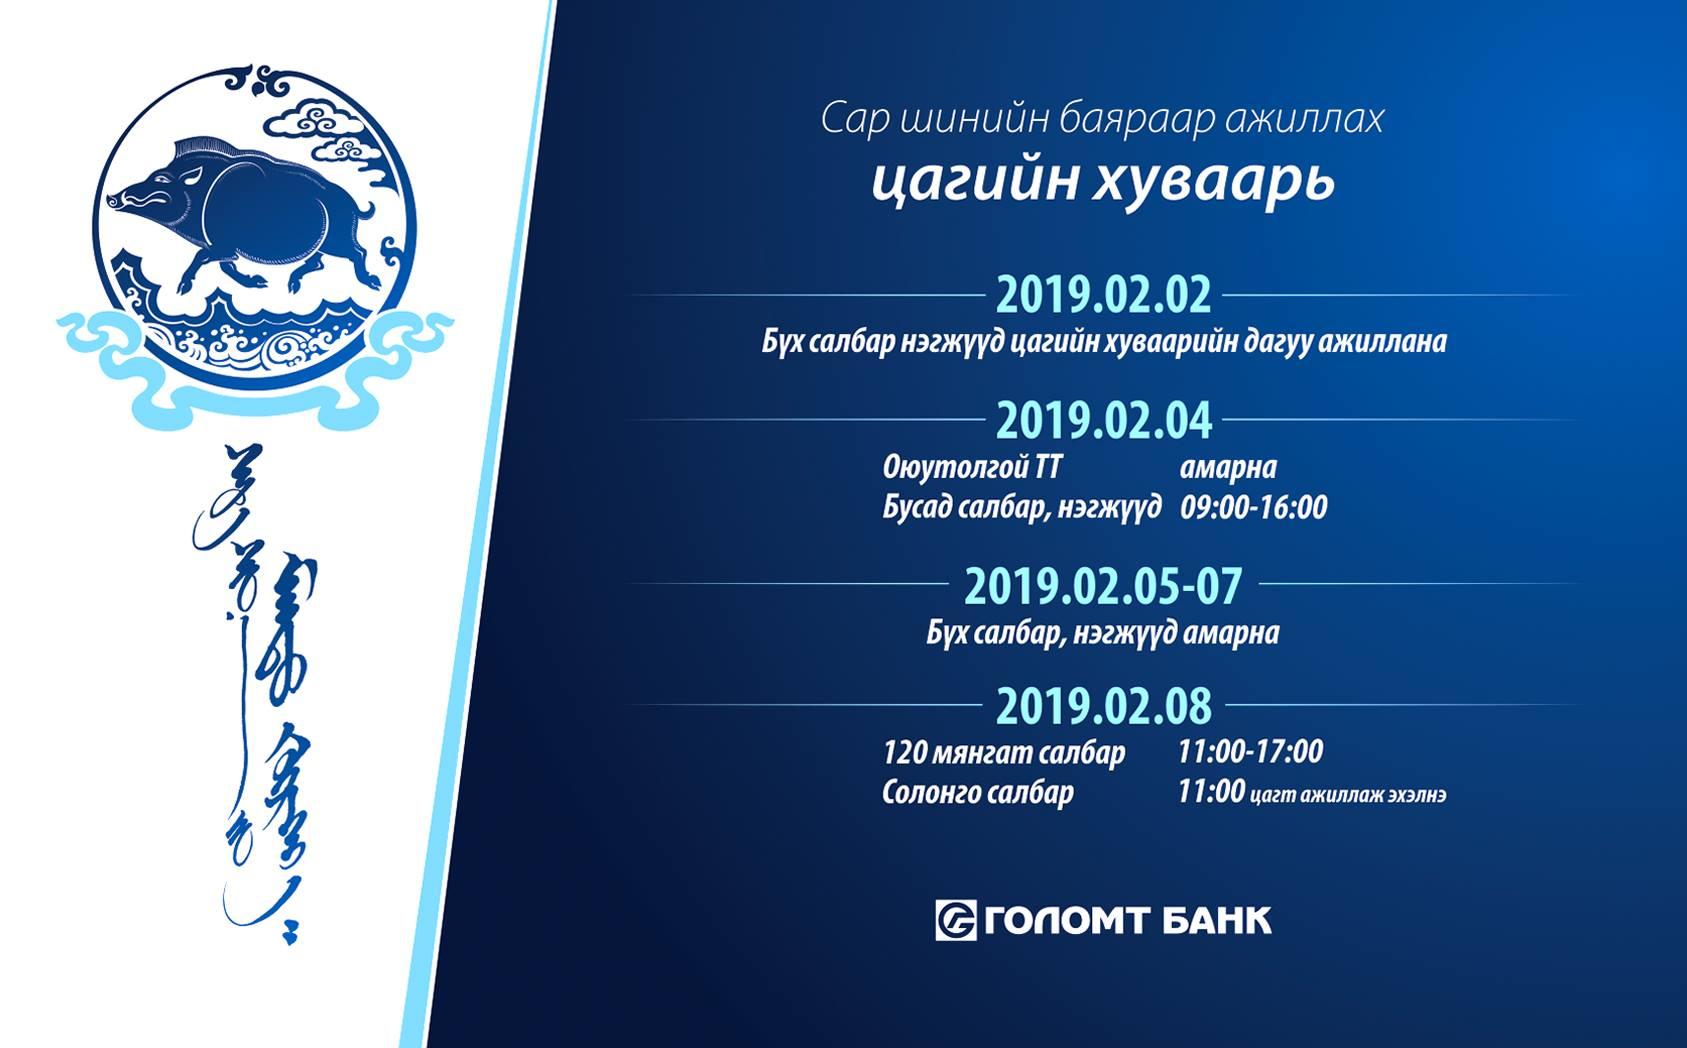 Сар шинийн баяраар банкуудын ажиллах хуваарь